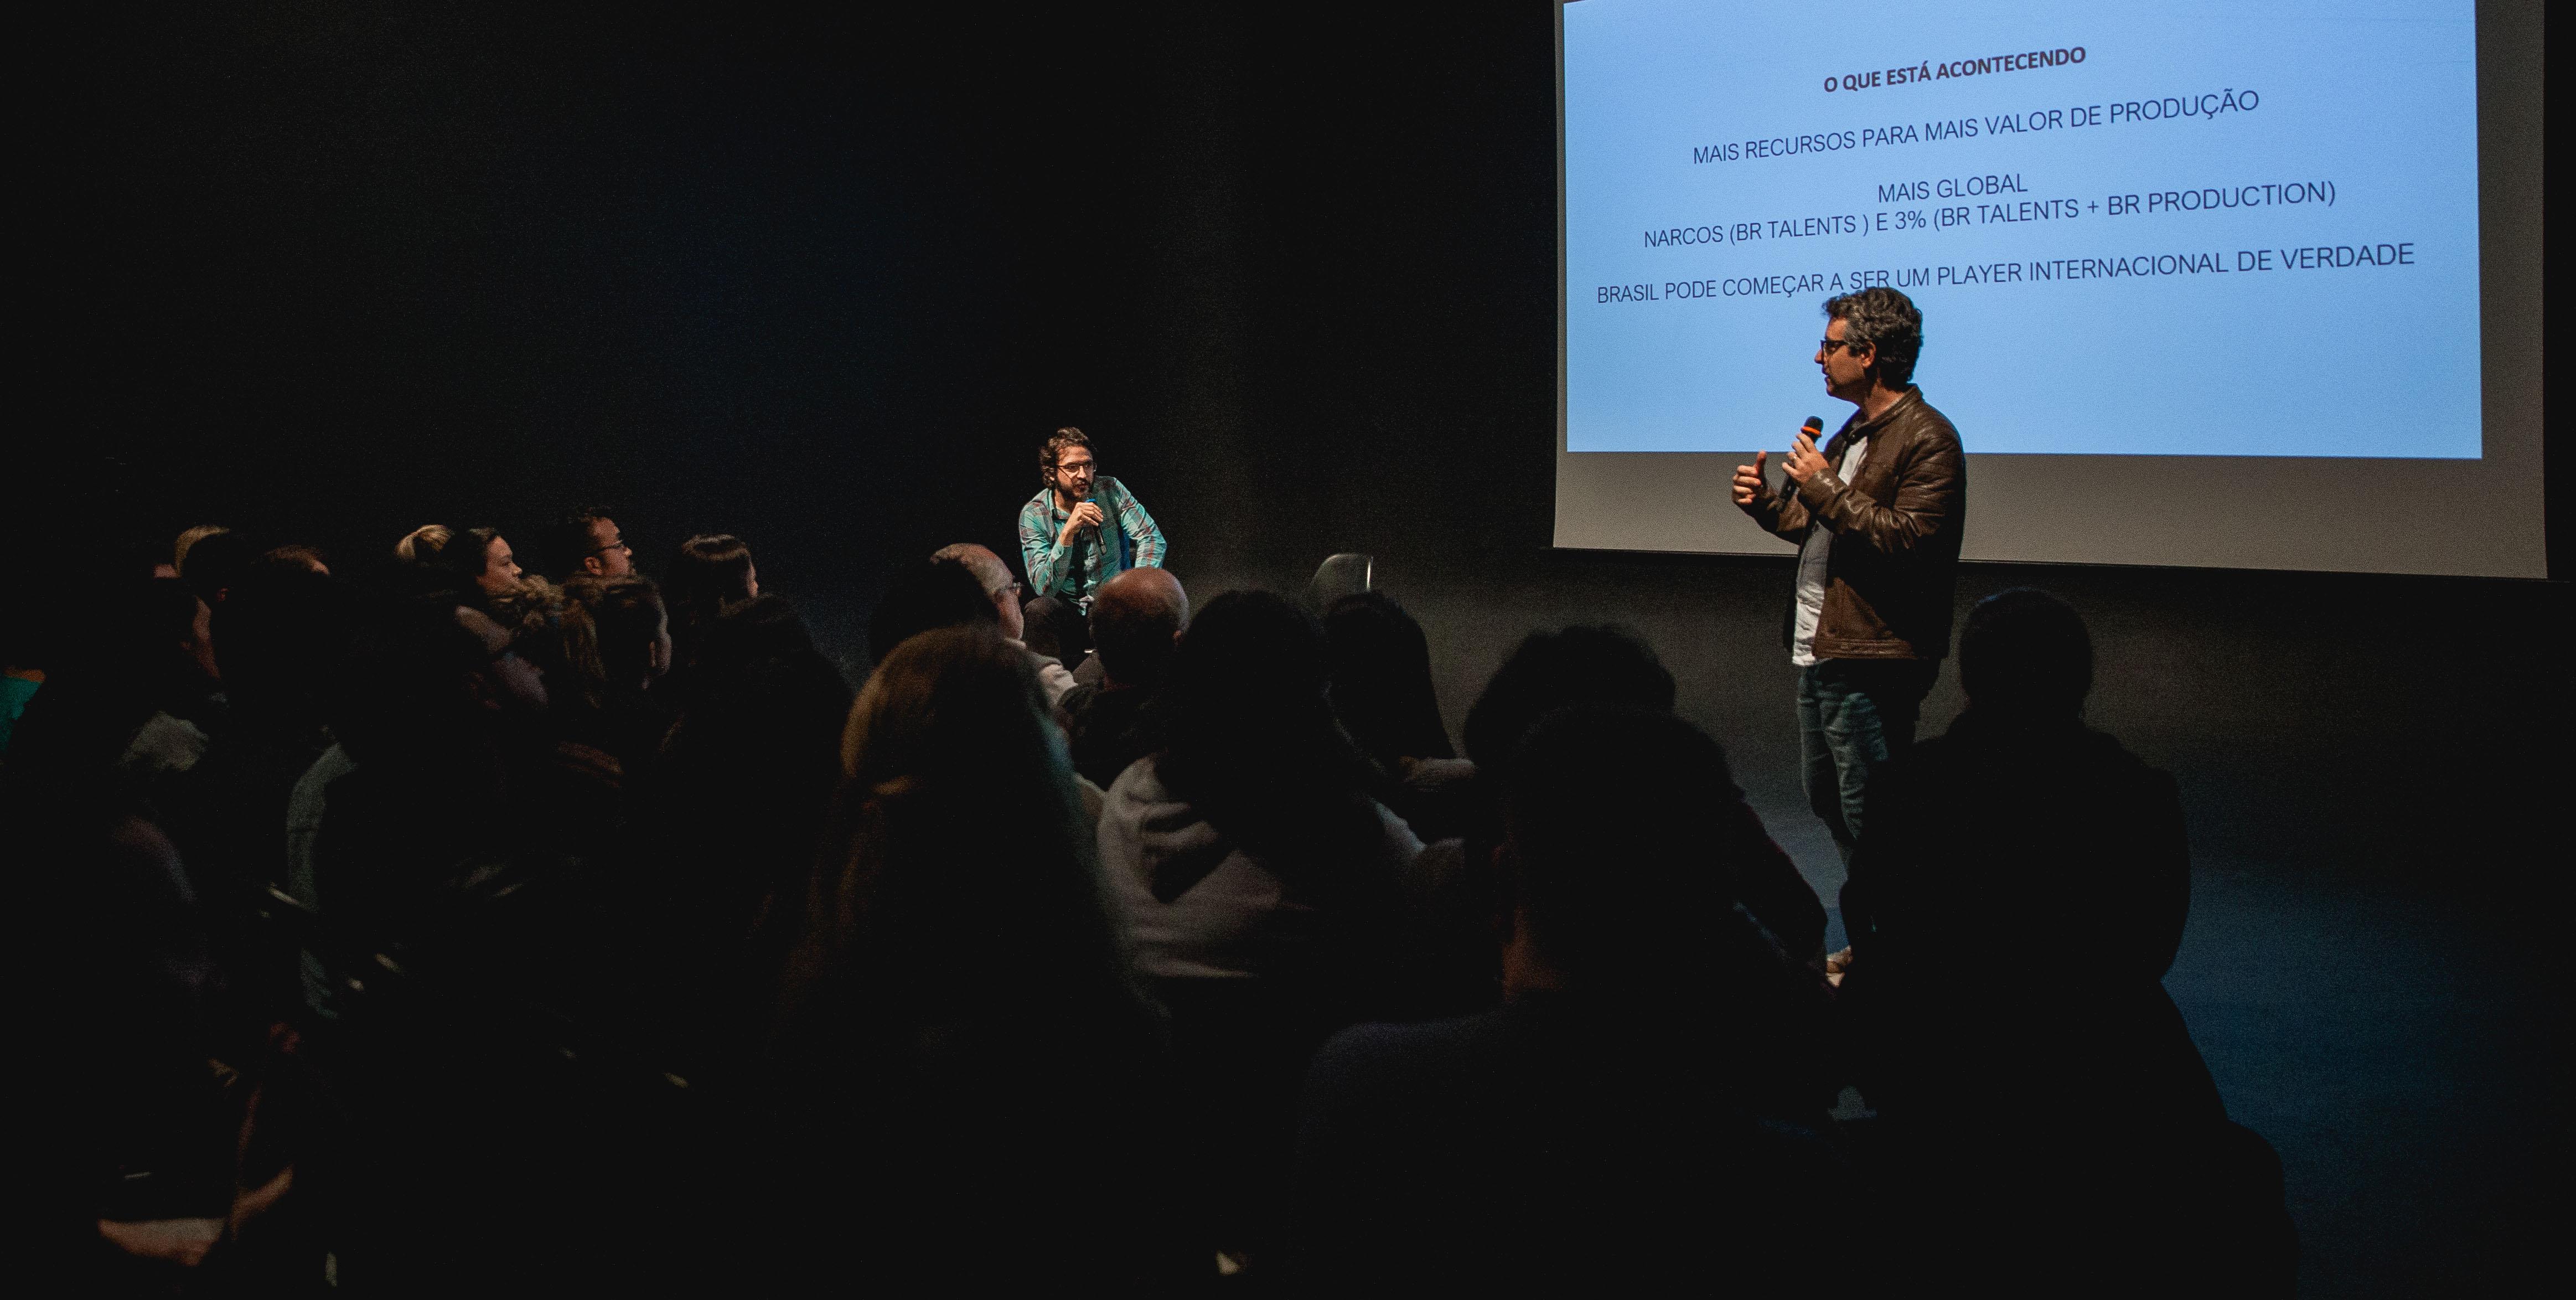 Eduardo Piagge e Tiago Mello, da Boutique Filmes, falam sobre conteúdo brasileiro na Netflix